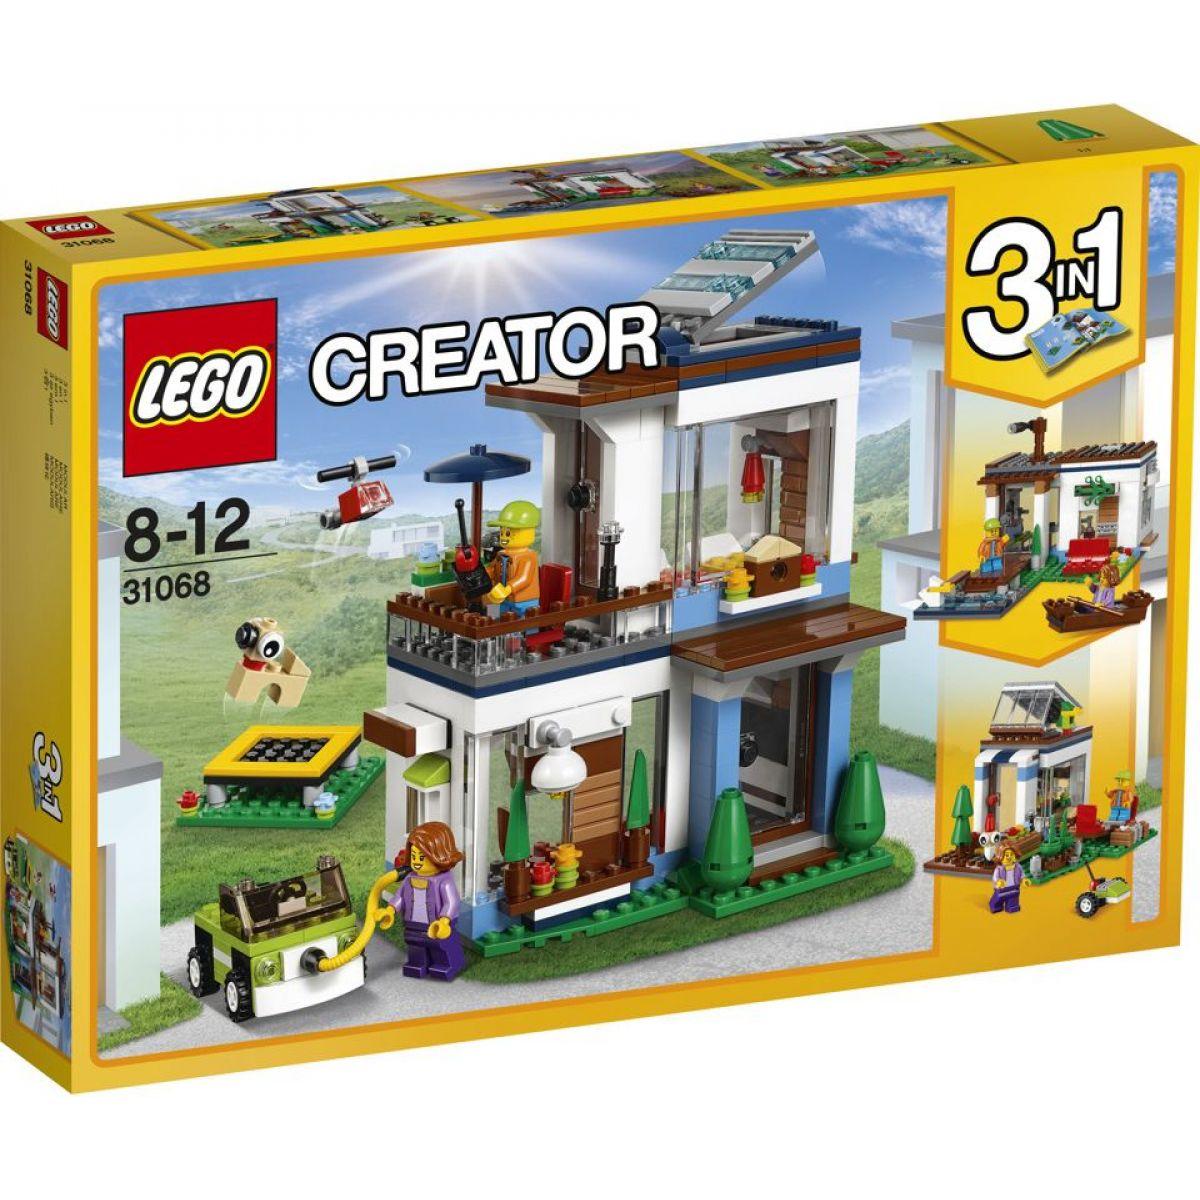 LEGO Creator 31068 Modulární moderní bydlení - Poškozený obal